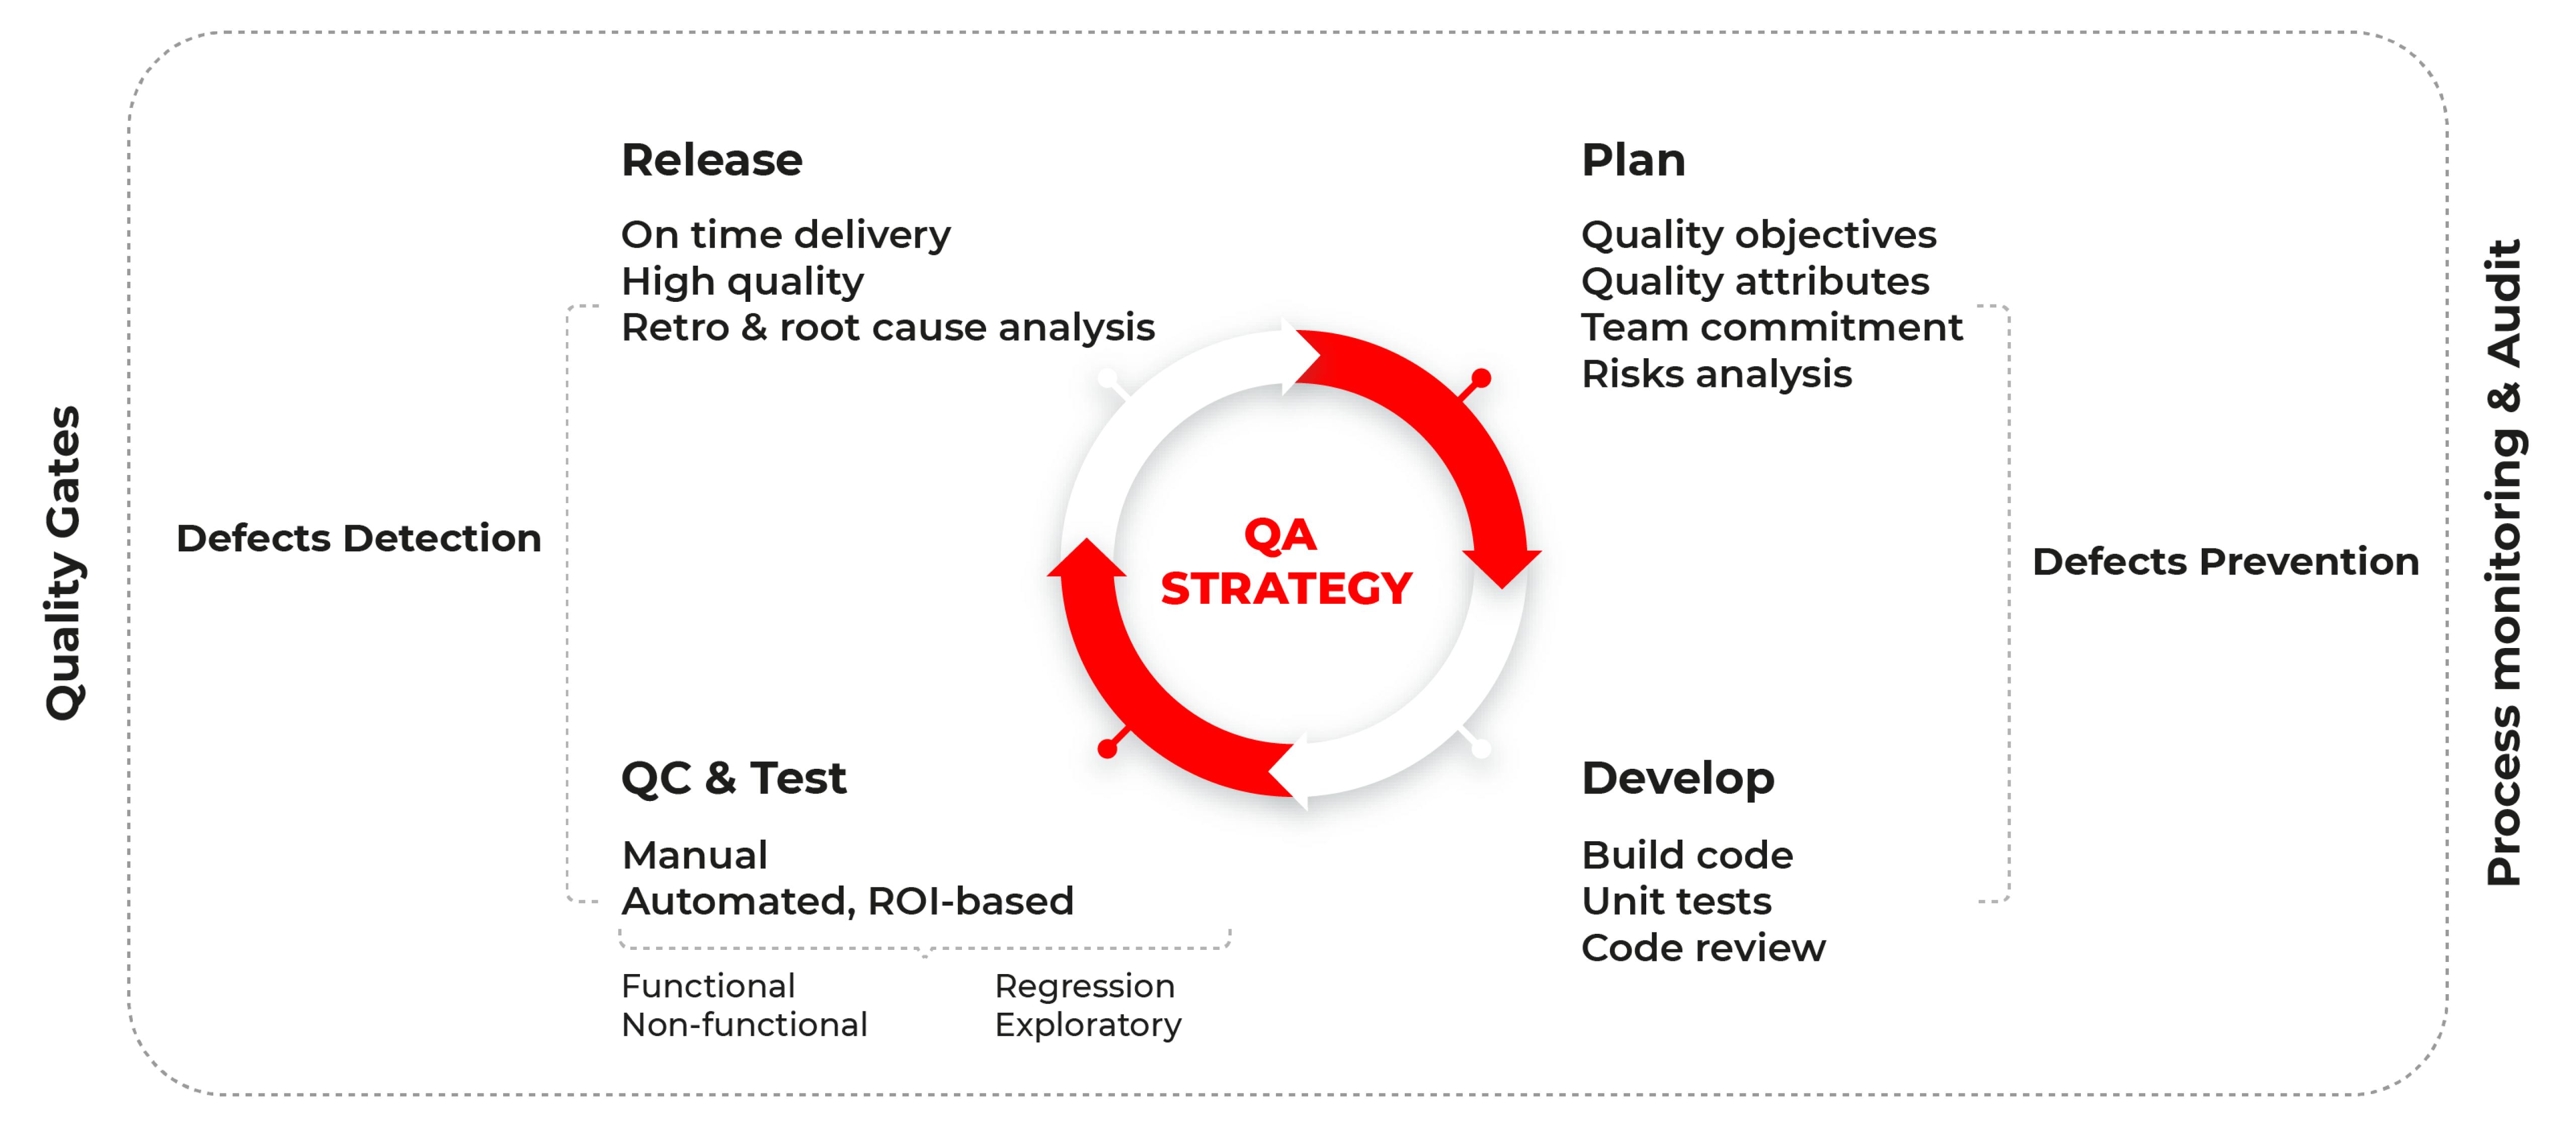 QA strategy parts